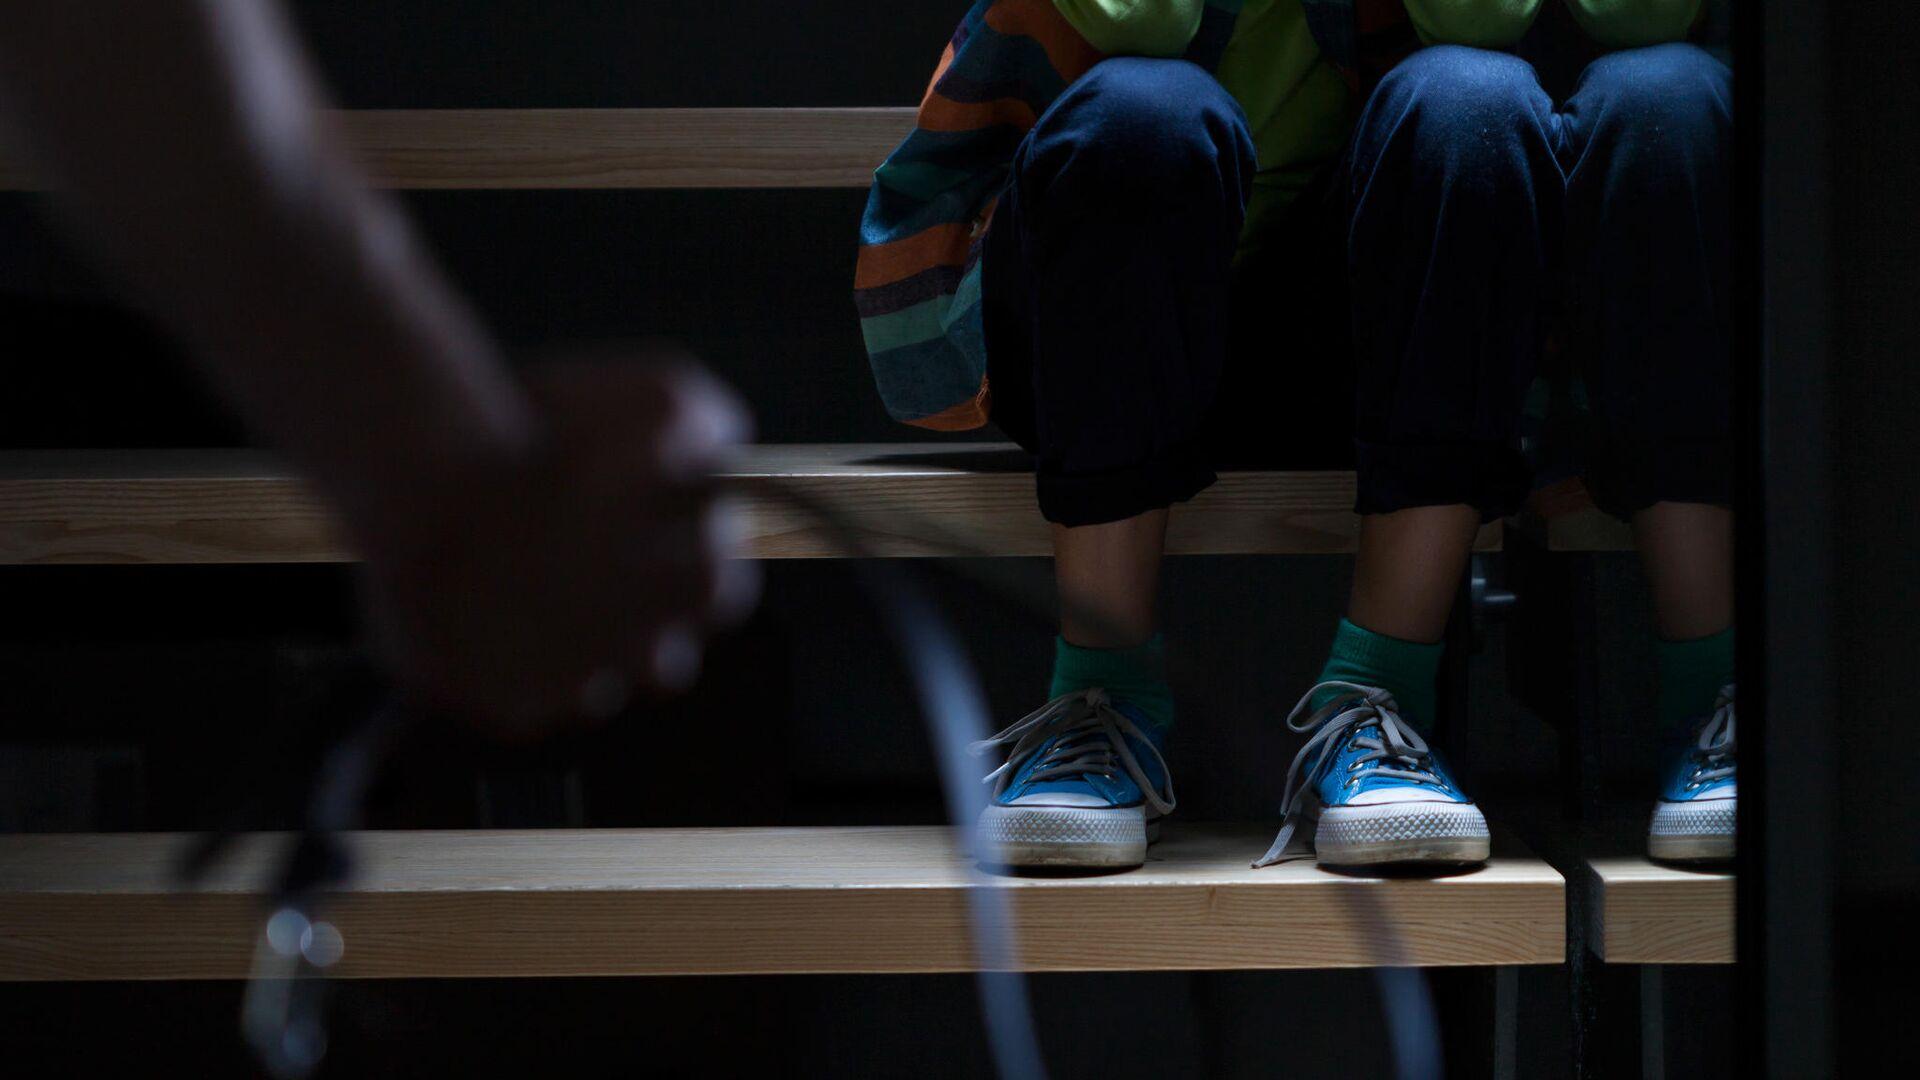 Ребенок сидит на лестнице - РИА Новости, 1920, 17.01.2021